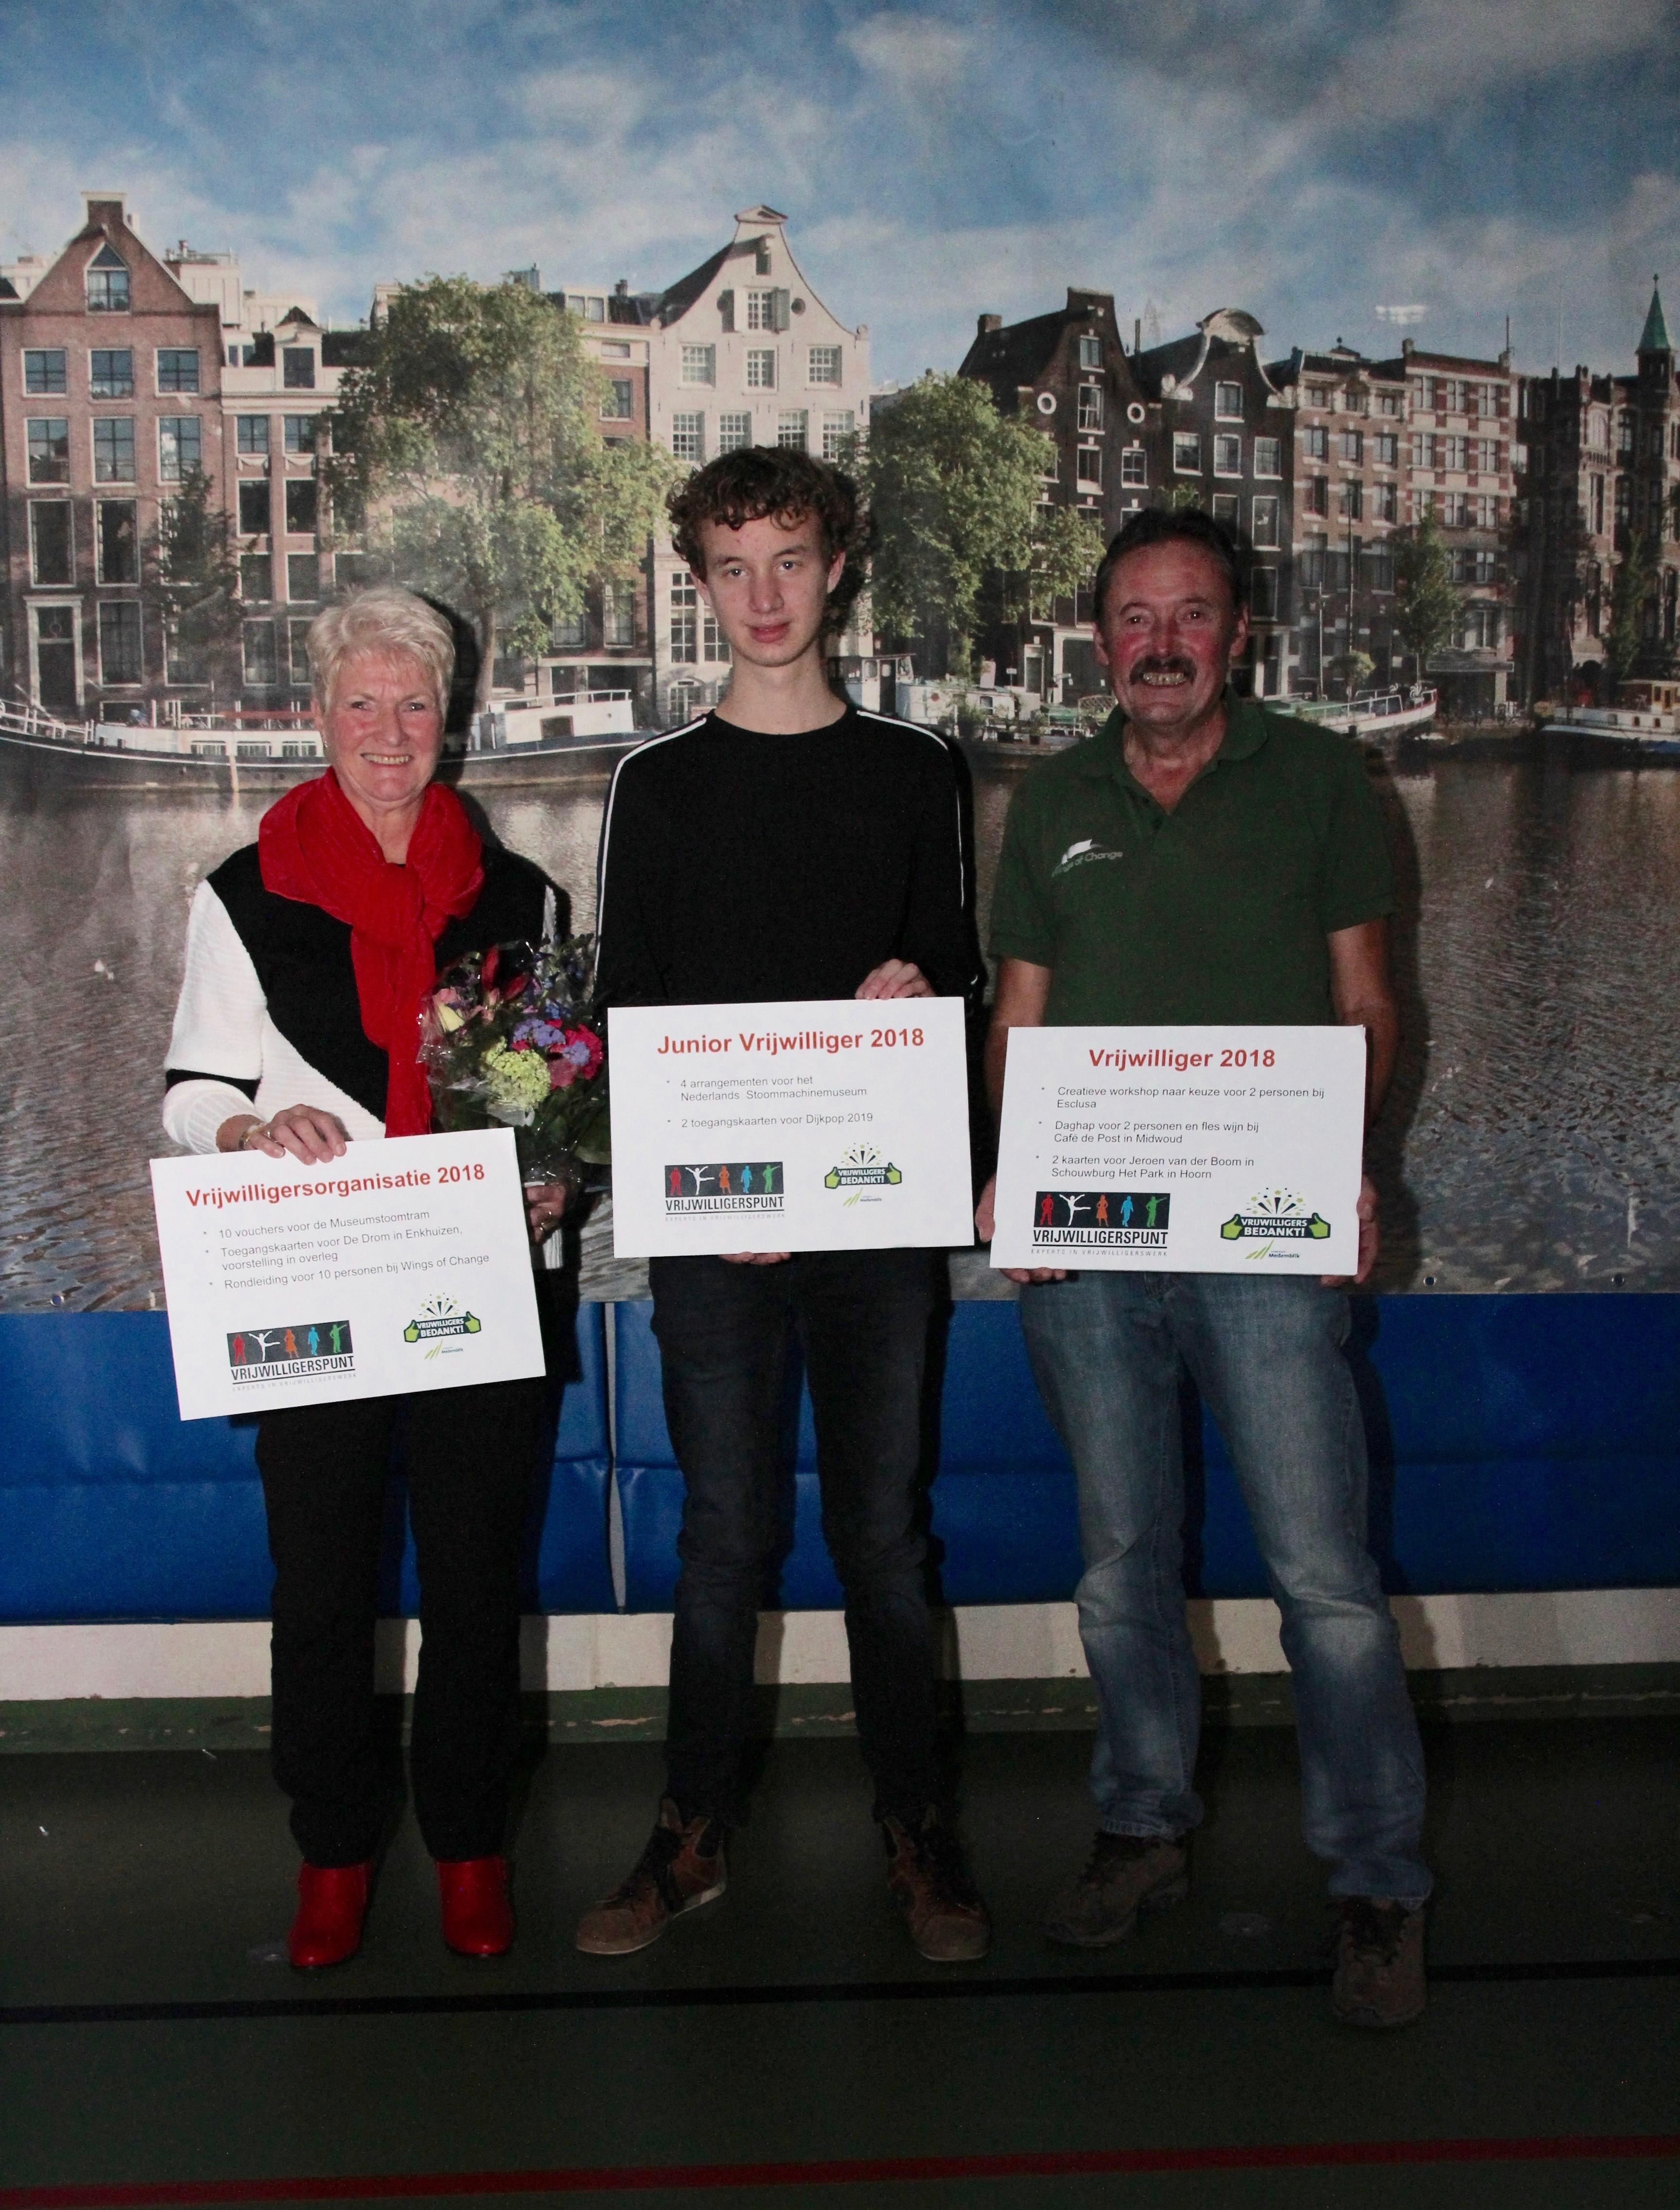 De winnaars van de vrijwilligersprijzen: v.l.n.r. Els Beers van Stichting Warme maaltijdvoorziening, Daan Immen en Roy van der Ven. (Foto: aangeleverd)